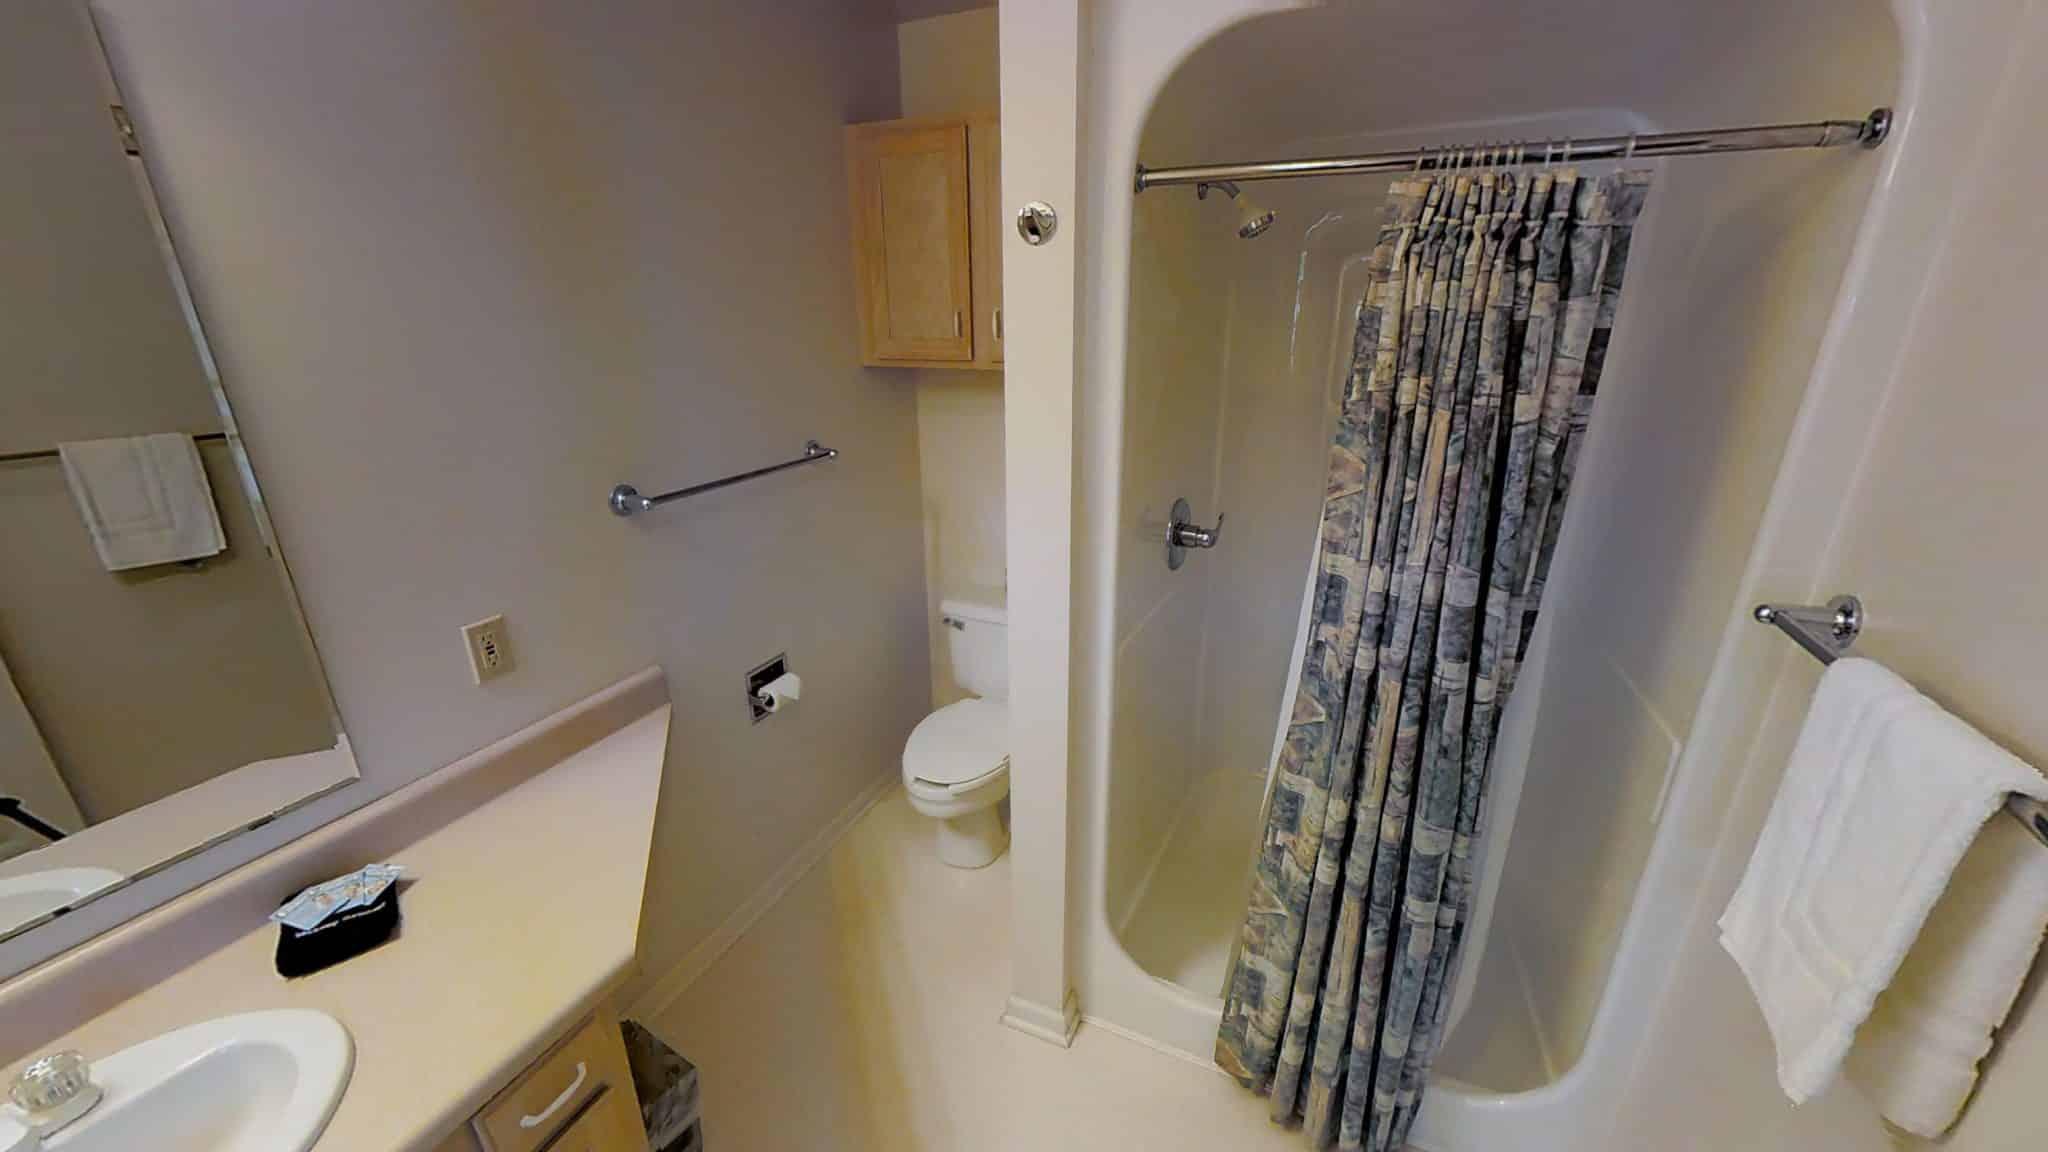 Galations Bathroom UP